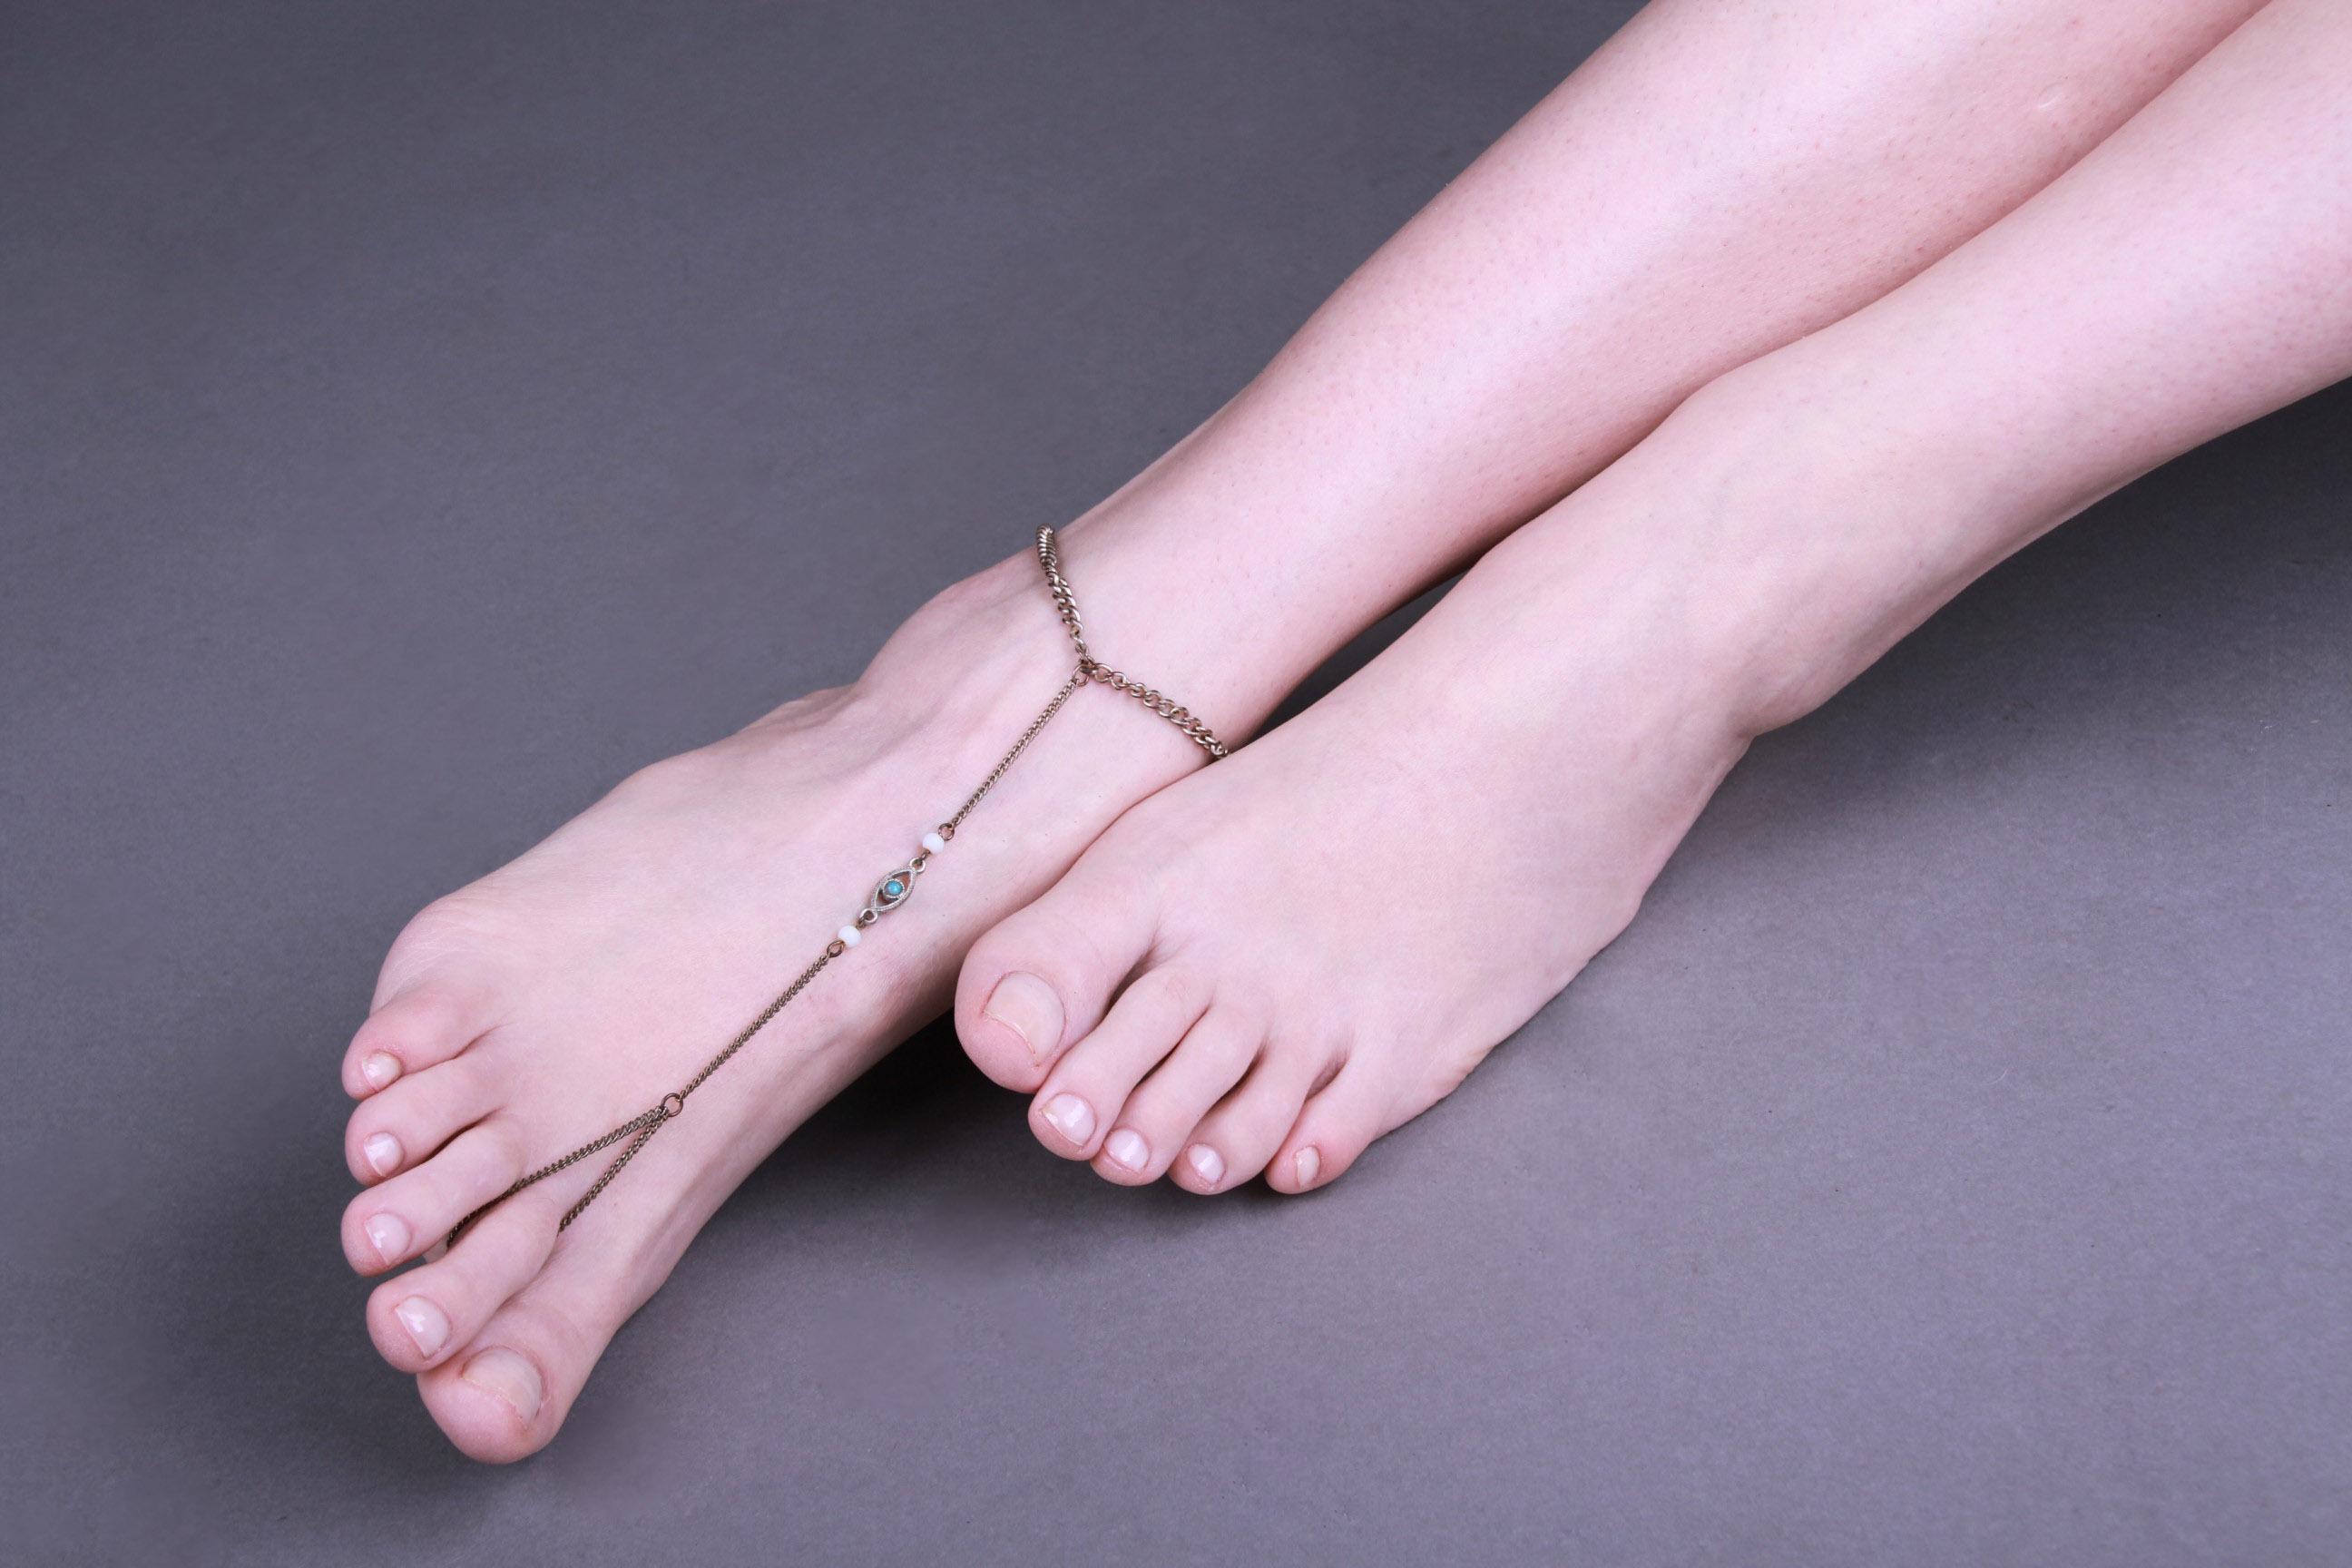 Filio Biniarou_Feet4